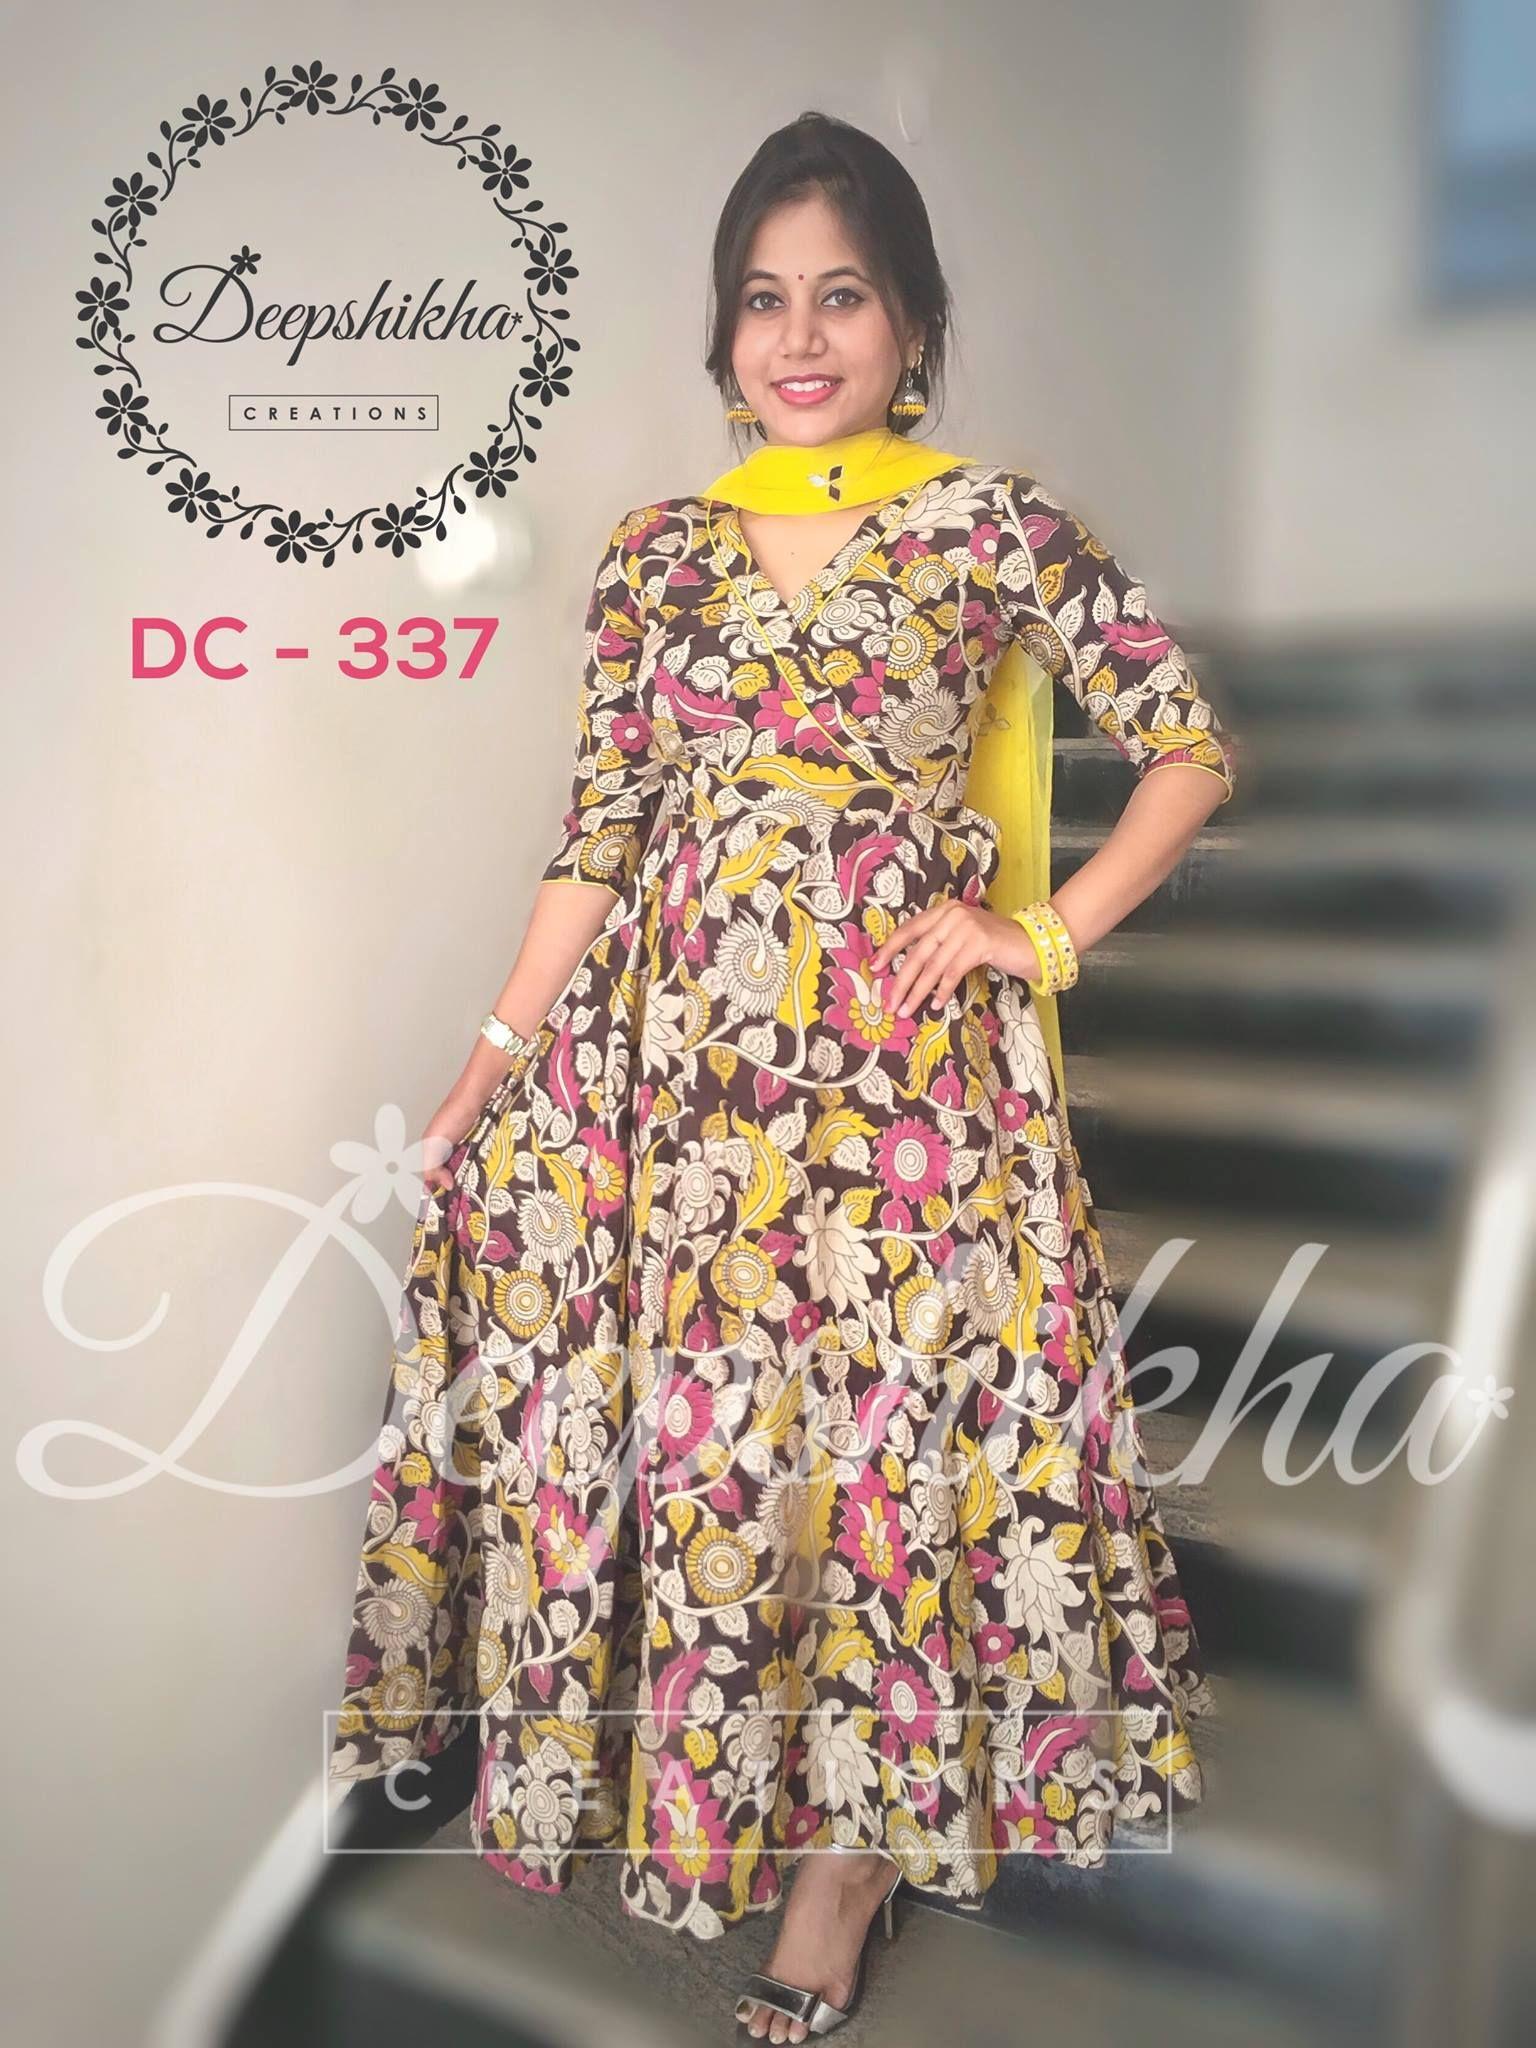 pics Churidar Shalwar Outfits – 18 Ways to Wear Chori Dar Shalwar